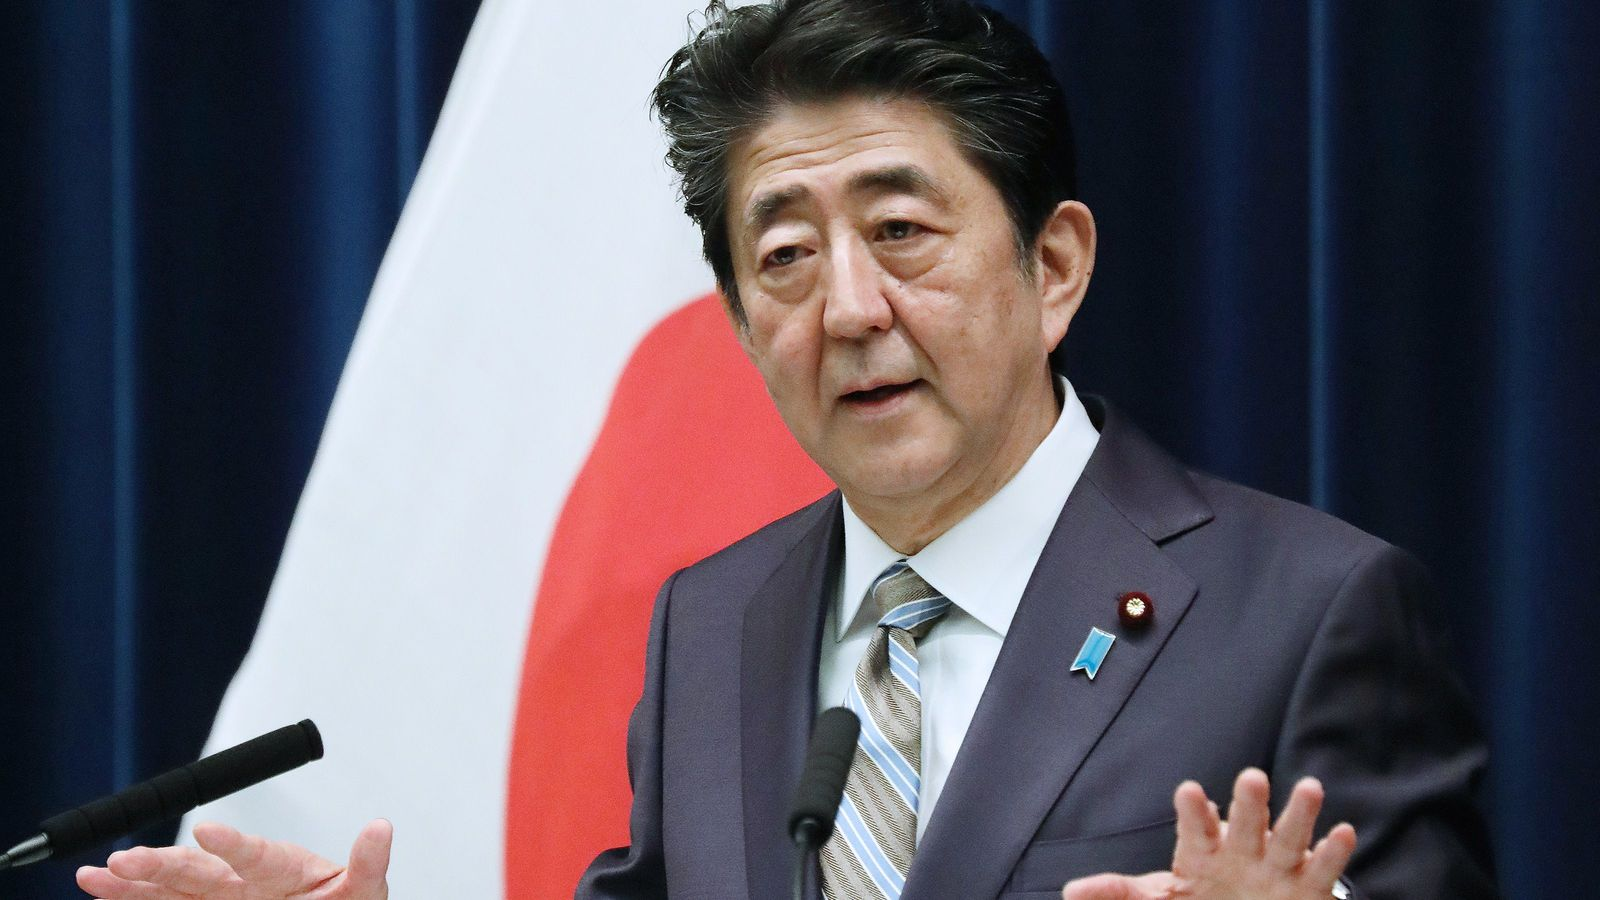 「徹底した逃げ回り」産経も怒る安倍政権の劣化 首相や政府側の説明は不十分だ